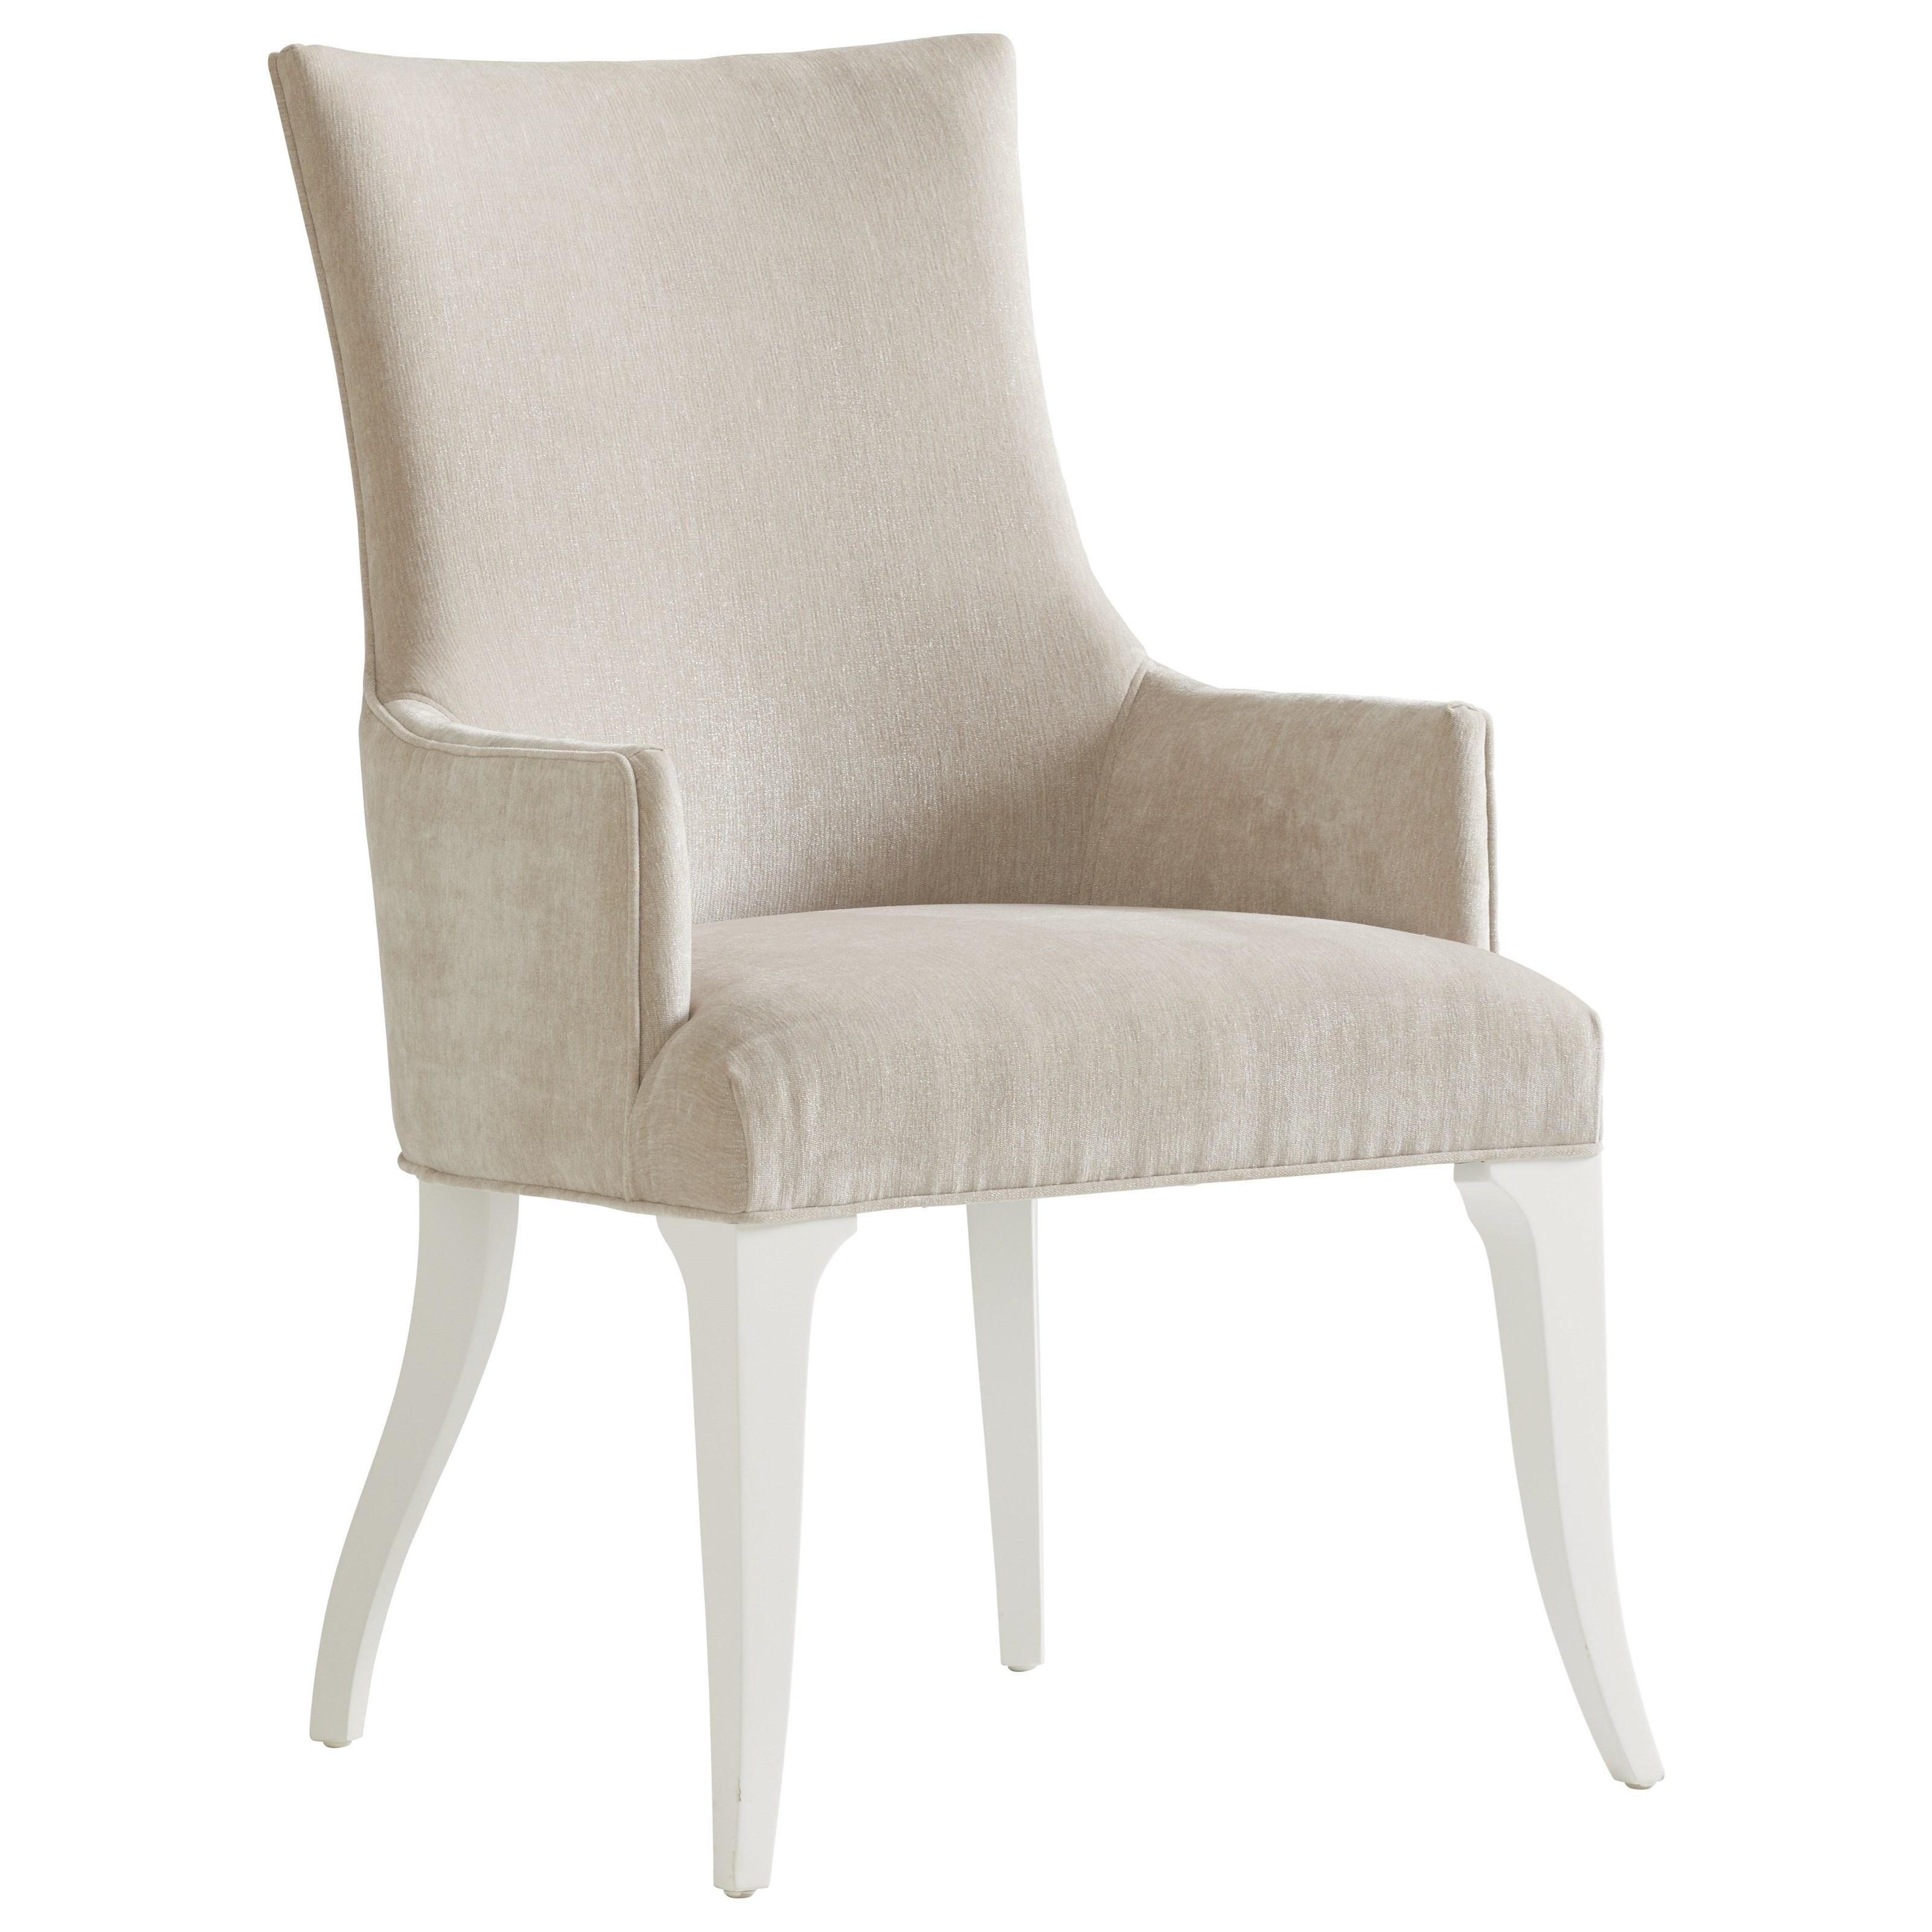 Geneva Upholstered Arm Chair - Custom